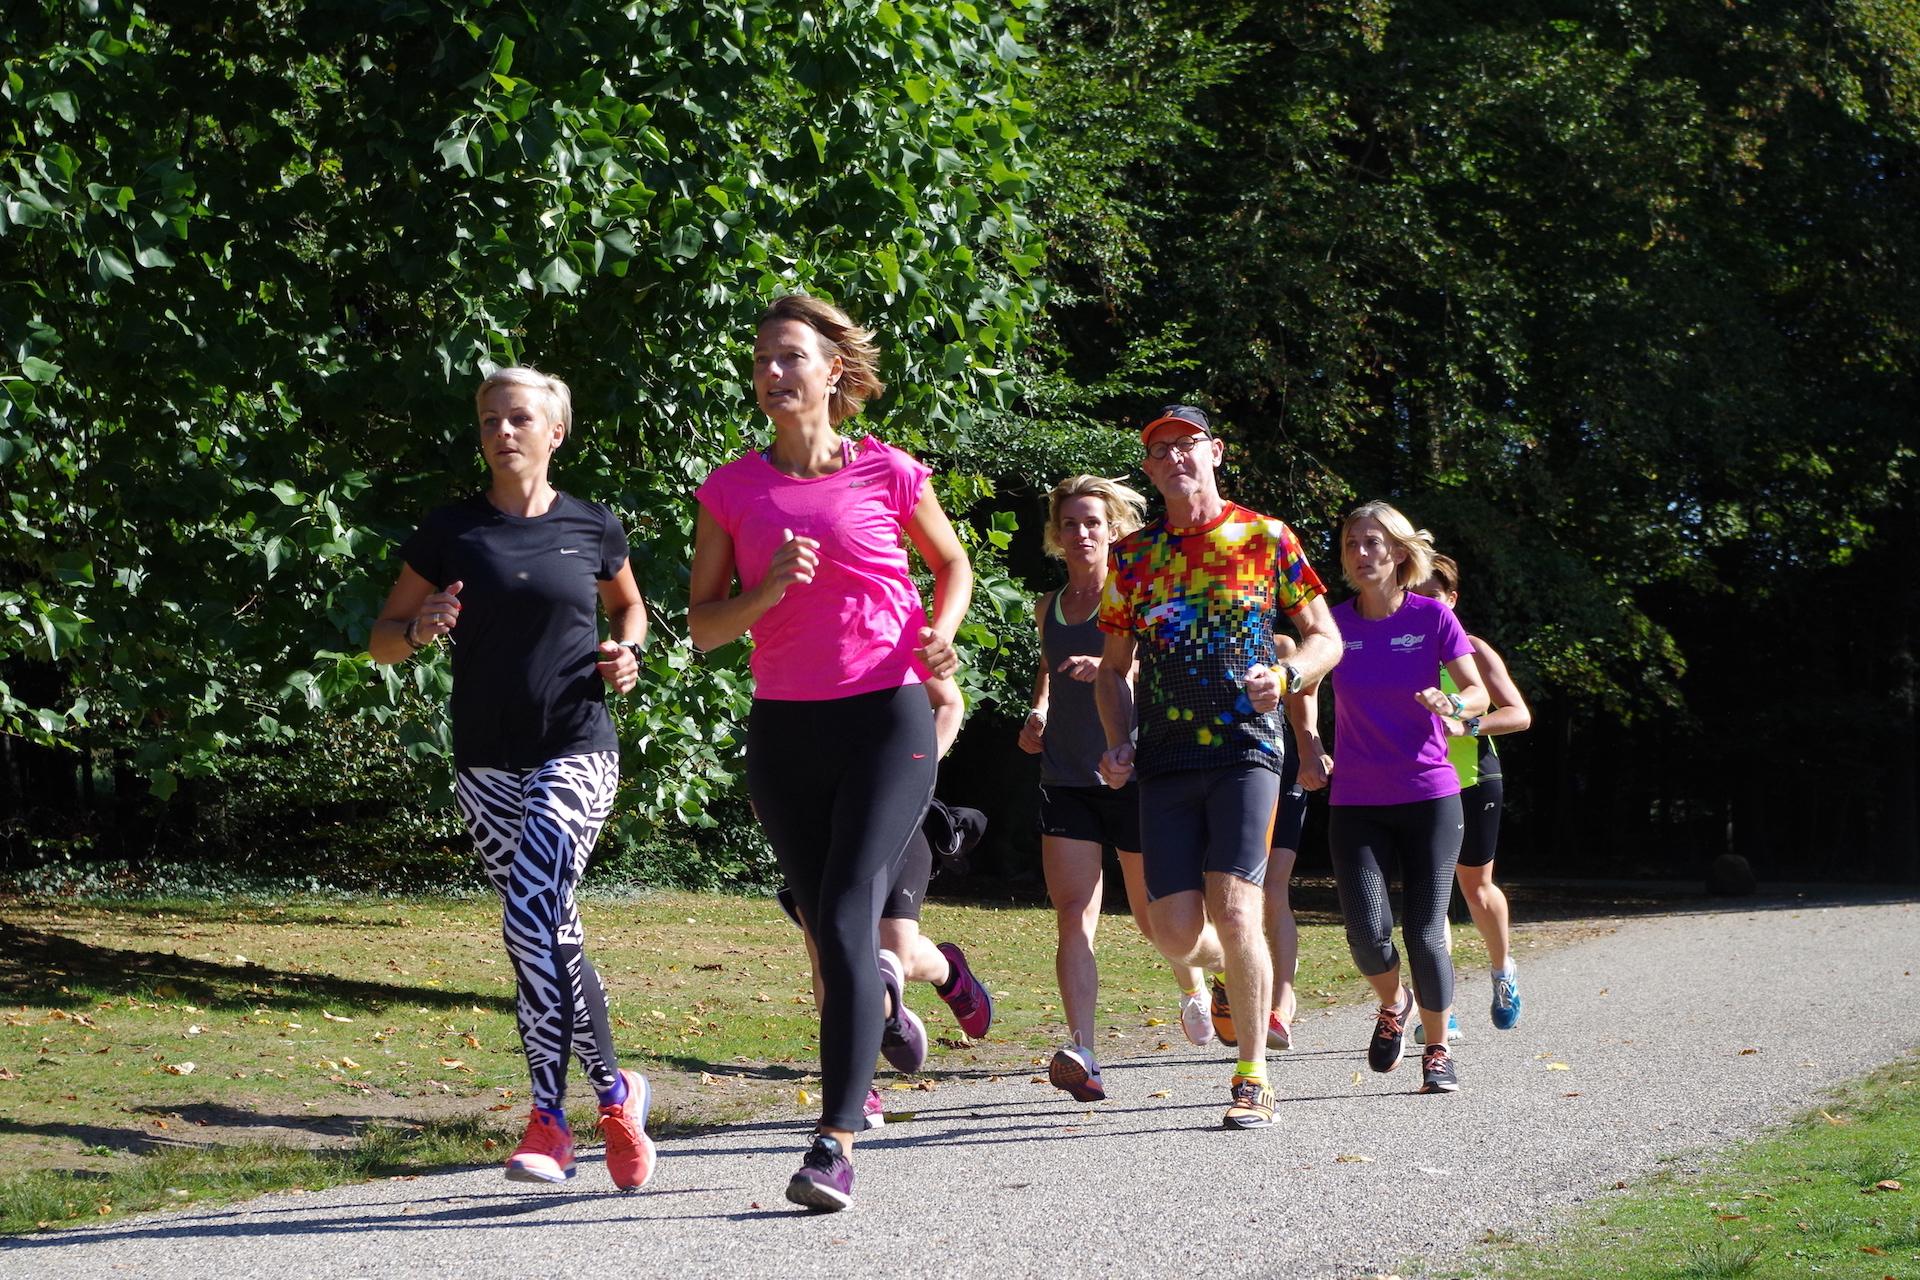 Mindful Run cursus Park Clingendael praktijk Puur & Krachtig Den Haag - Wassenaar massage, beweging en bewustwording